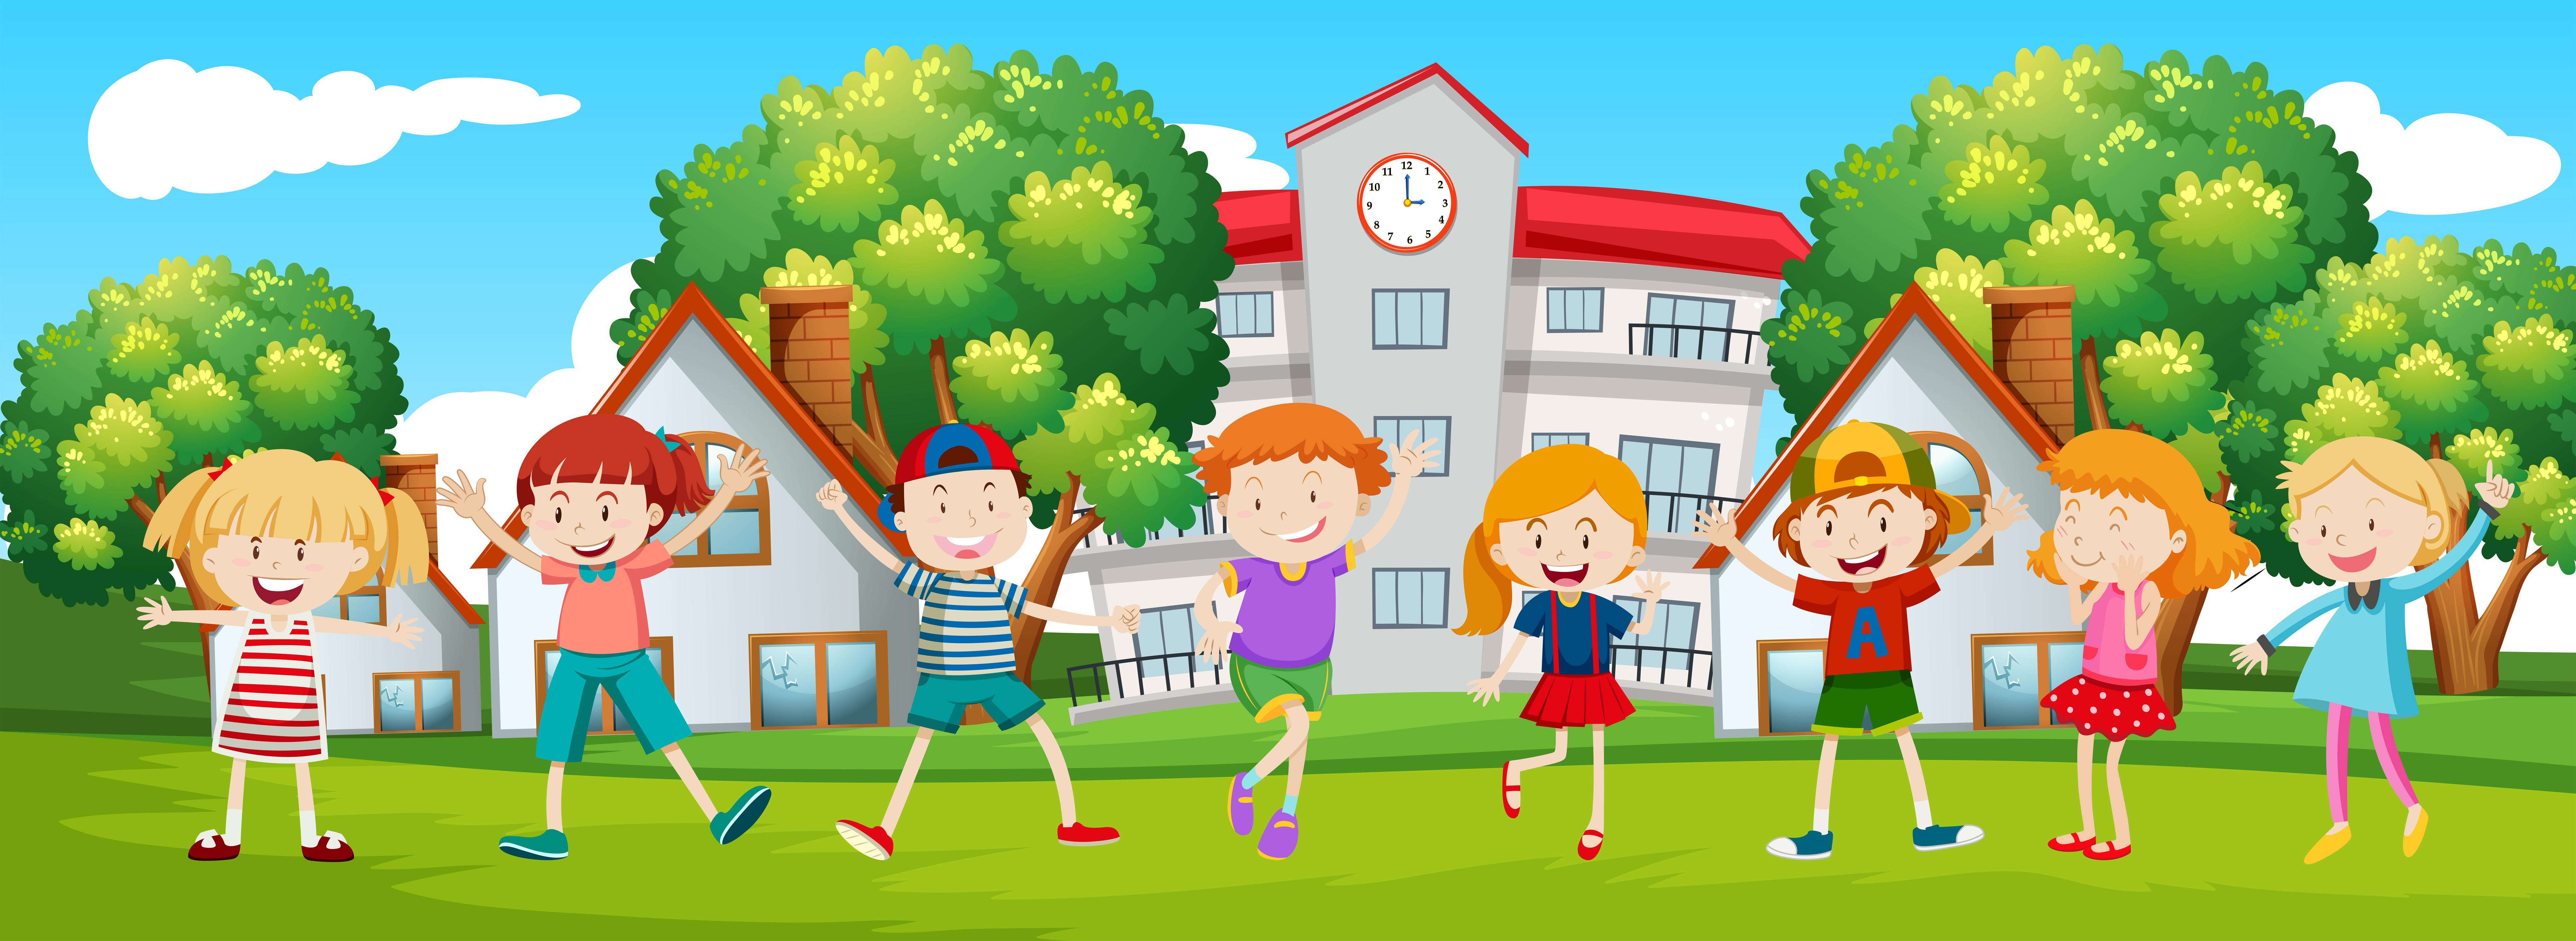 Happy children at school scene - Download Free Vectors ...